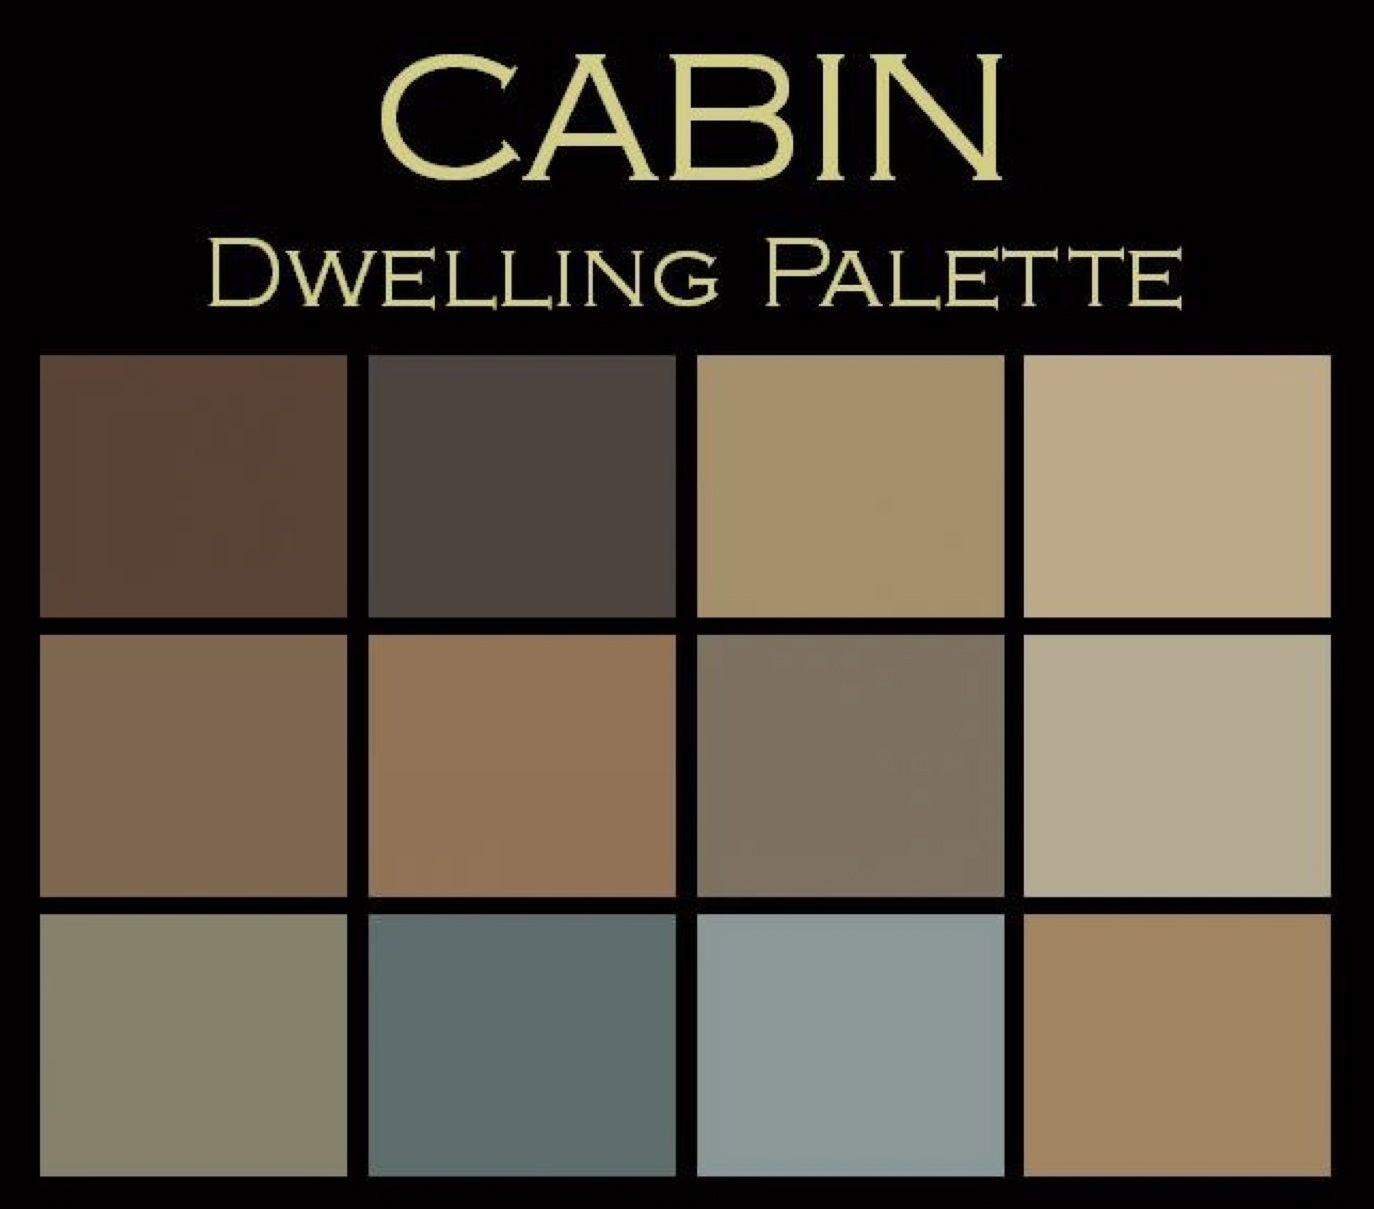 Bathroom Color Ideas Palette And Paint Schemes: Best 25+ Cabin Paint Colors Ideas On Pinterest